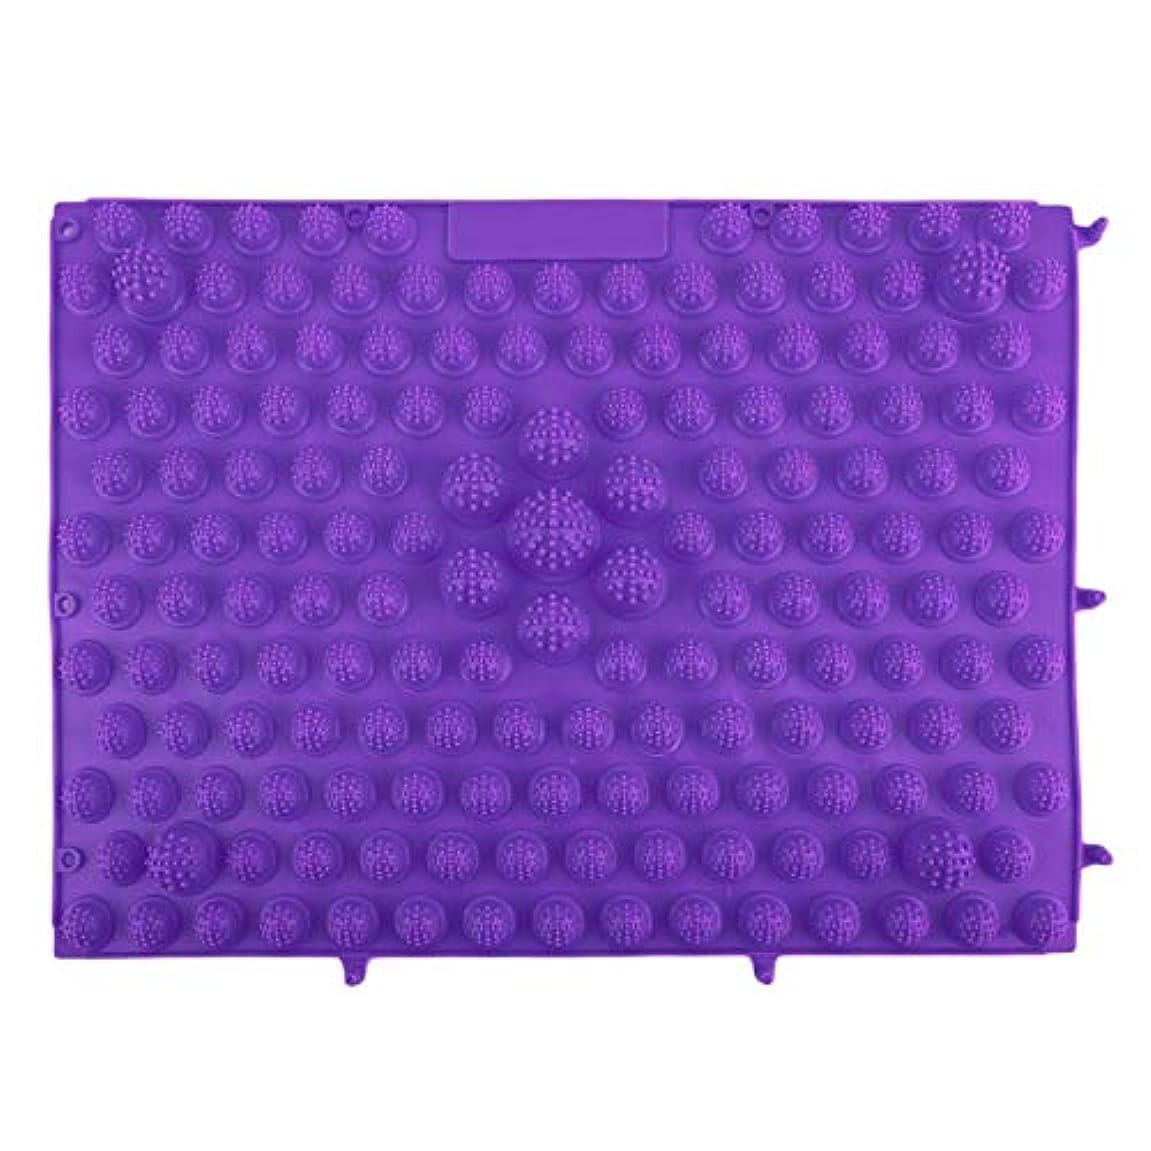 感情取り壊すシフト韓国風フットマッサージパッドTPEモダン指圧リフレクソロジーマット鍼灸敷物疲労緩和促進循環 - 紫色